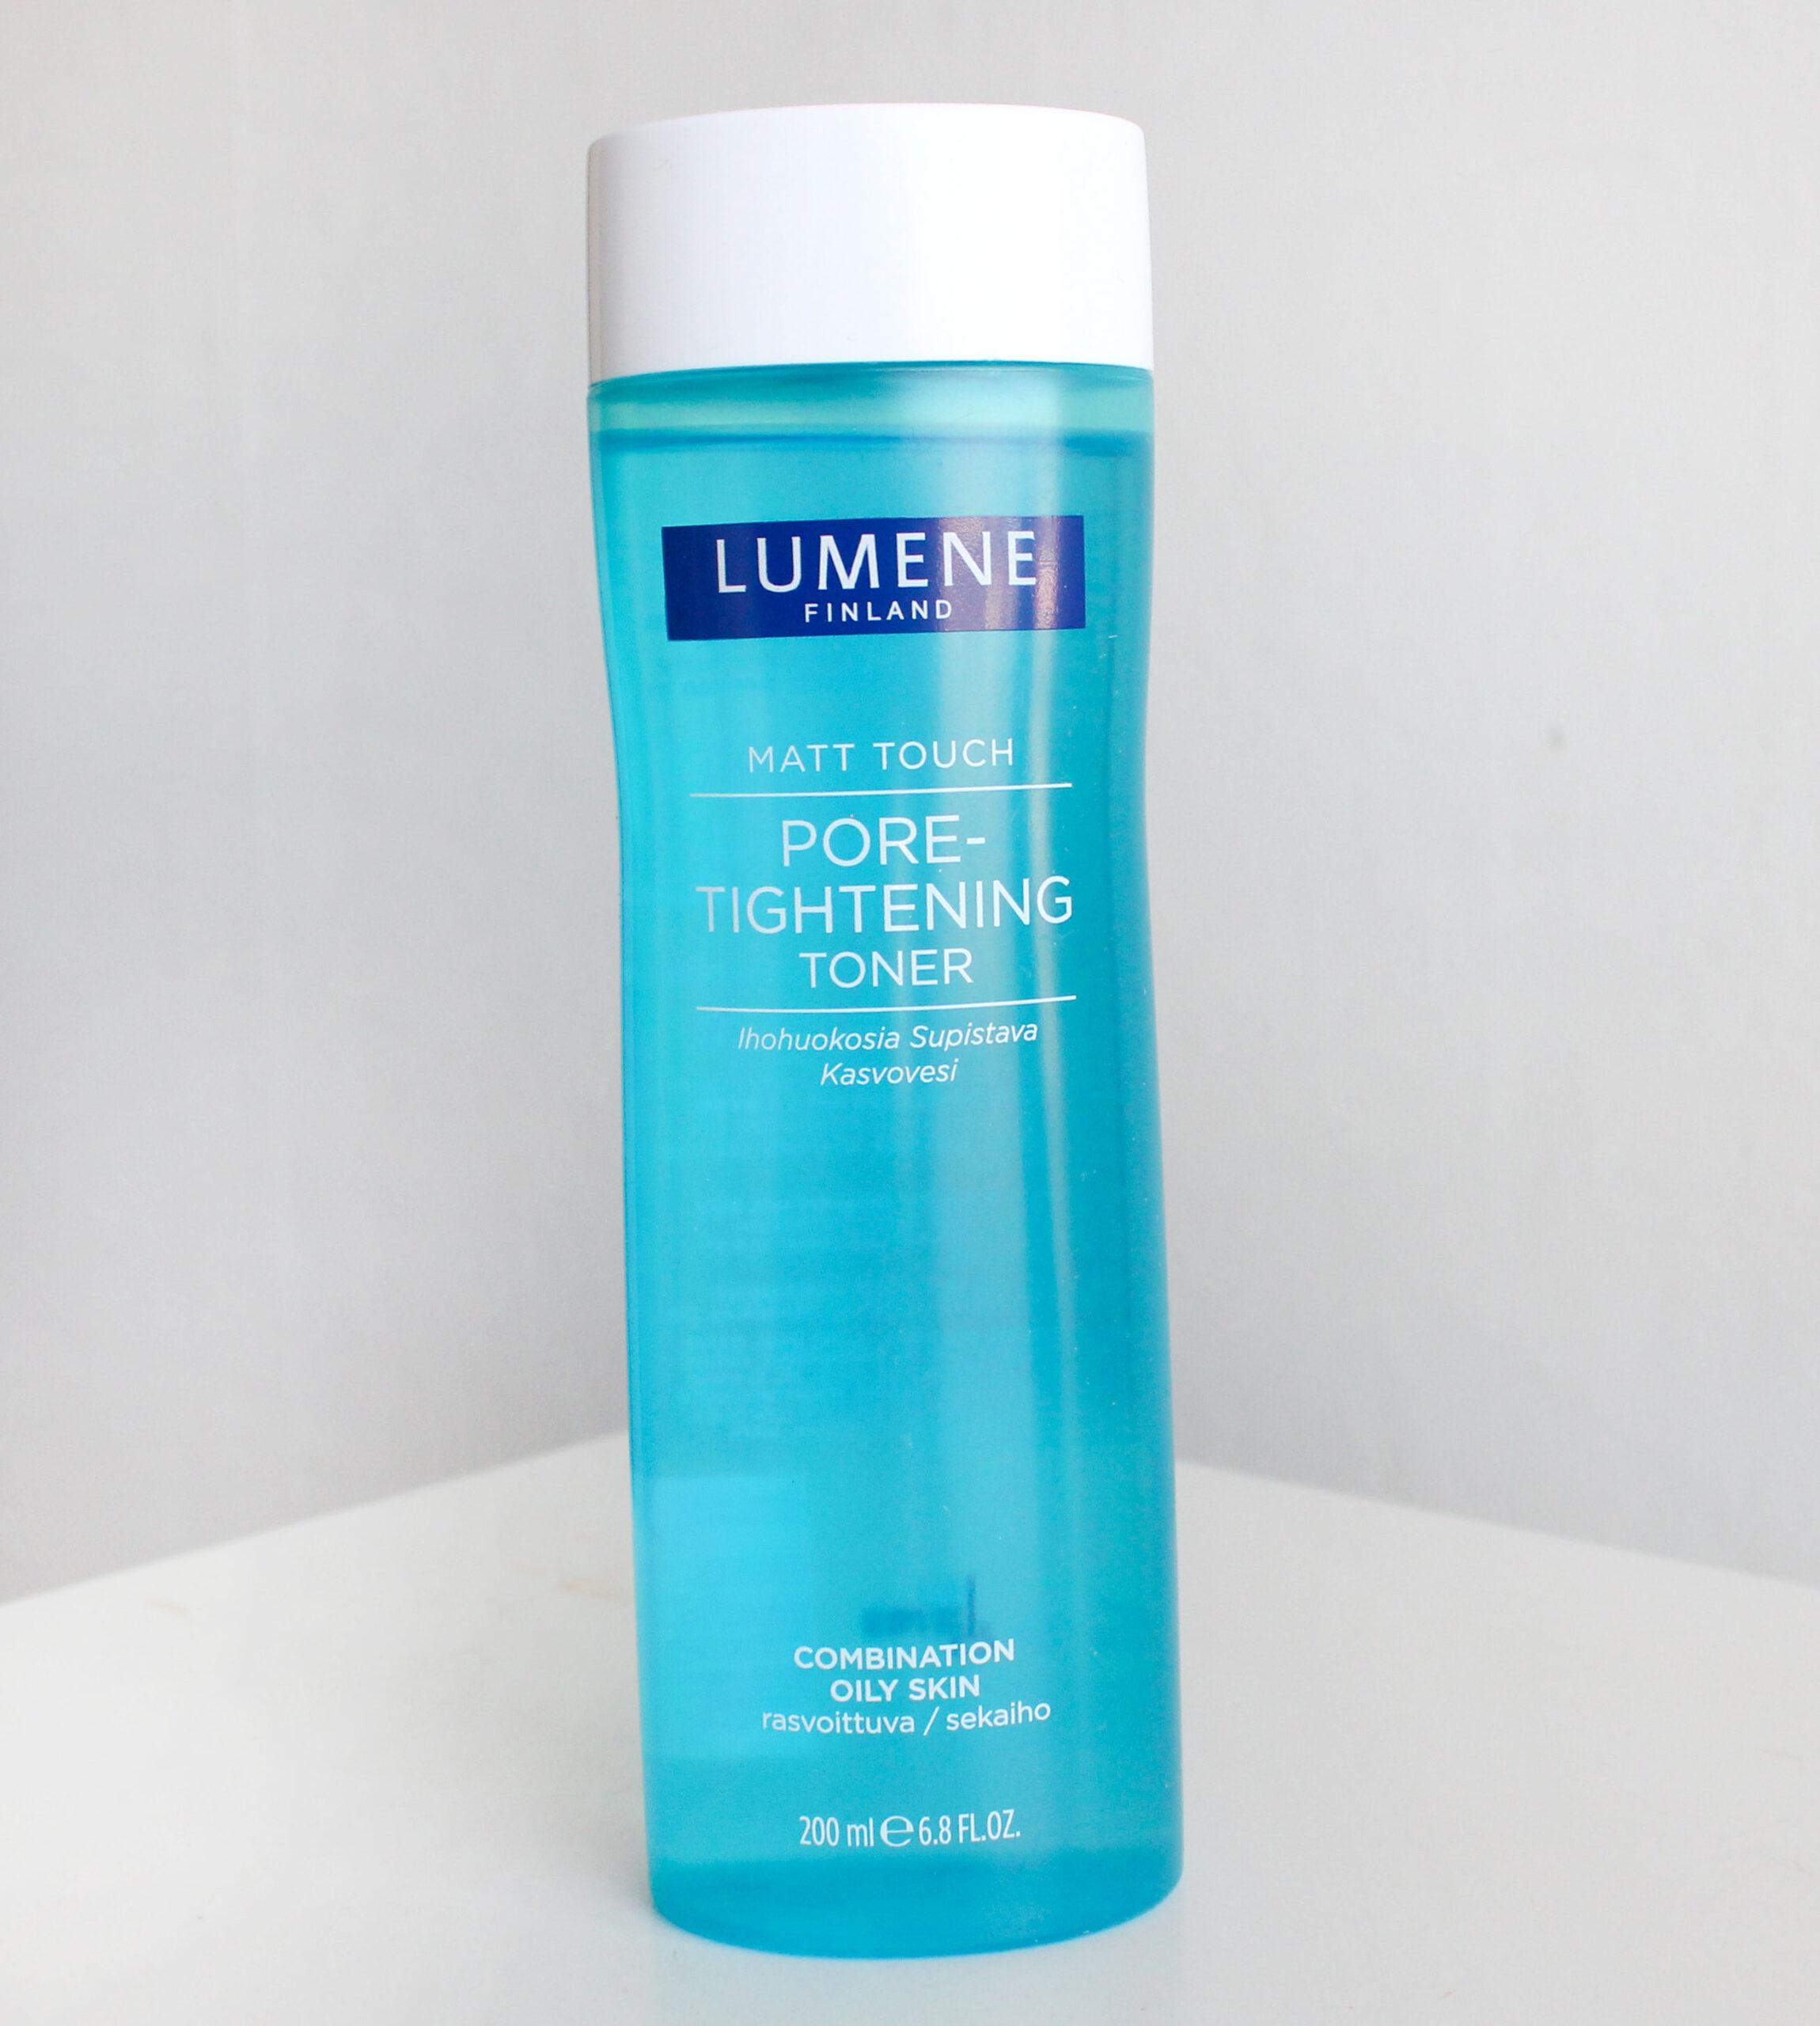 lumene pore tightening toner